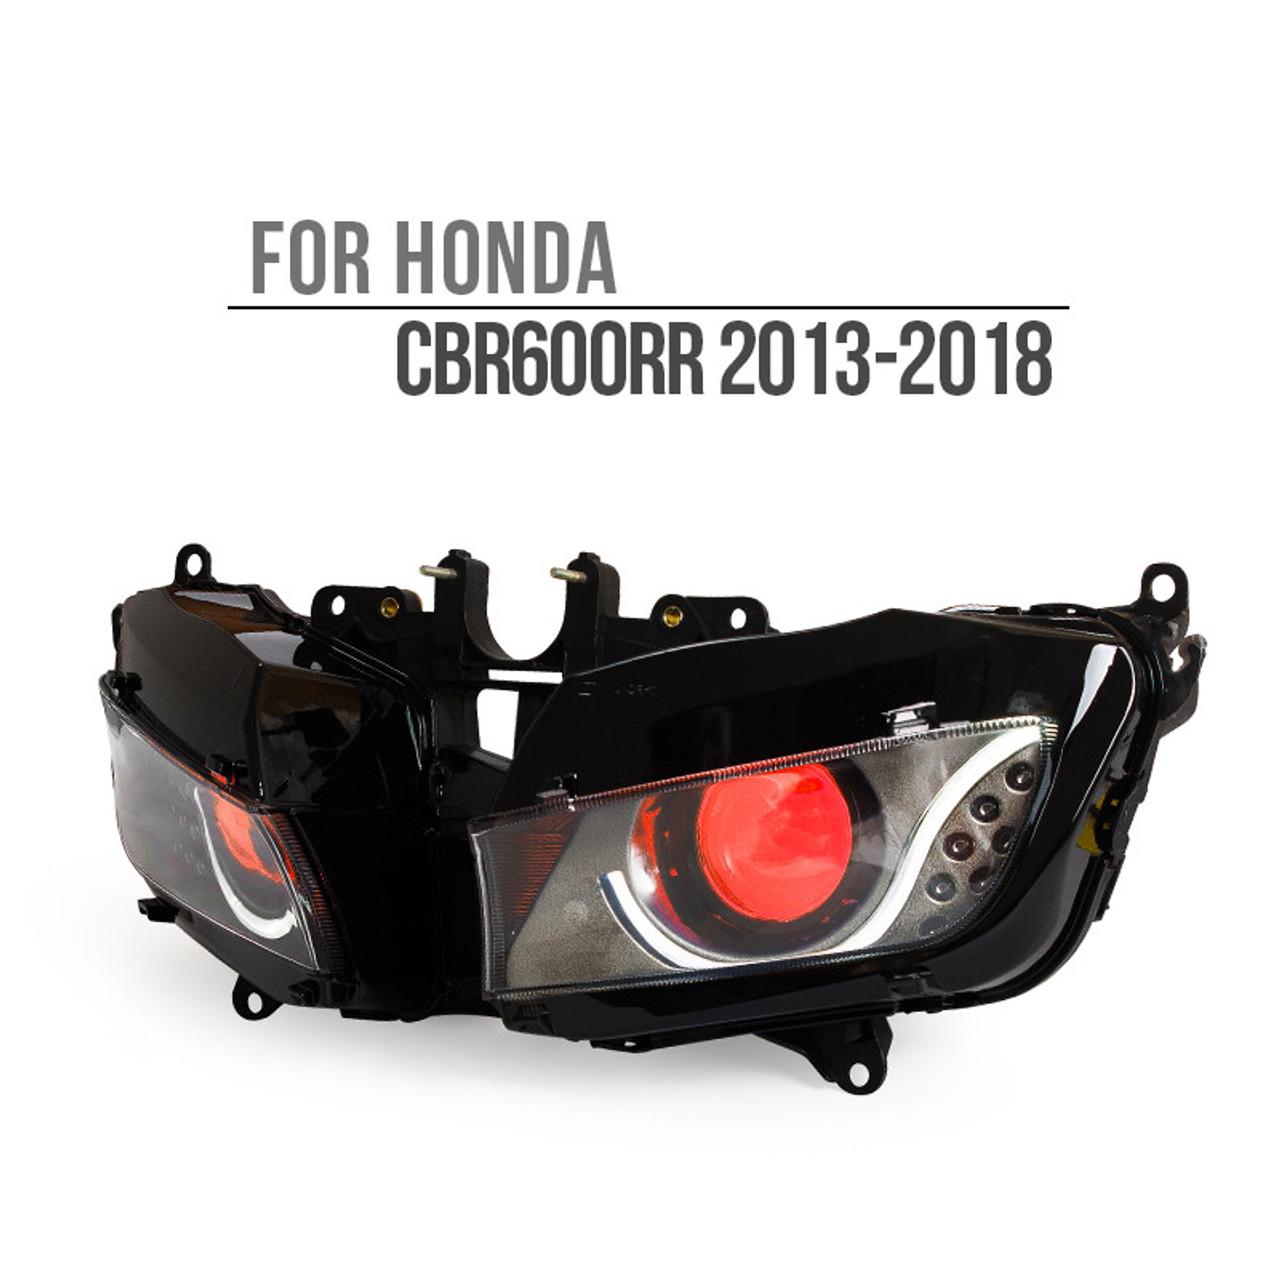 small resolution of 2013 2014 2015 2016 2017 2018 honda cbr600rr headlight